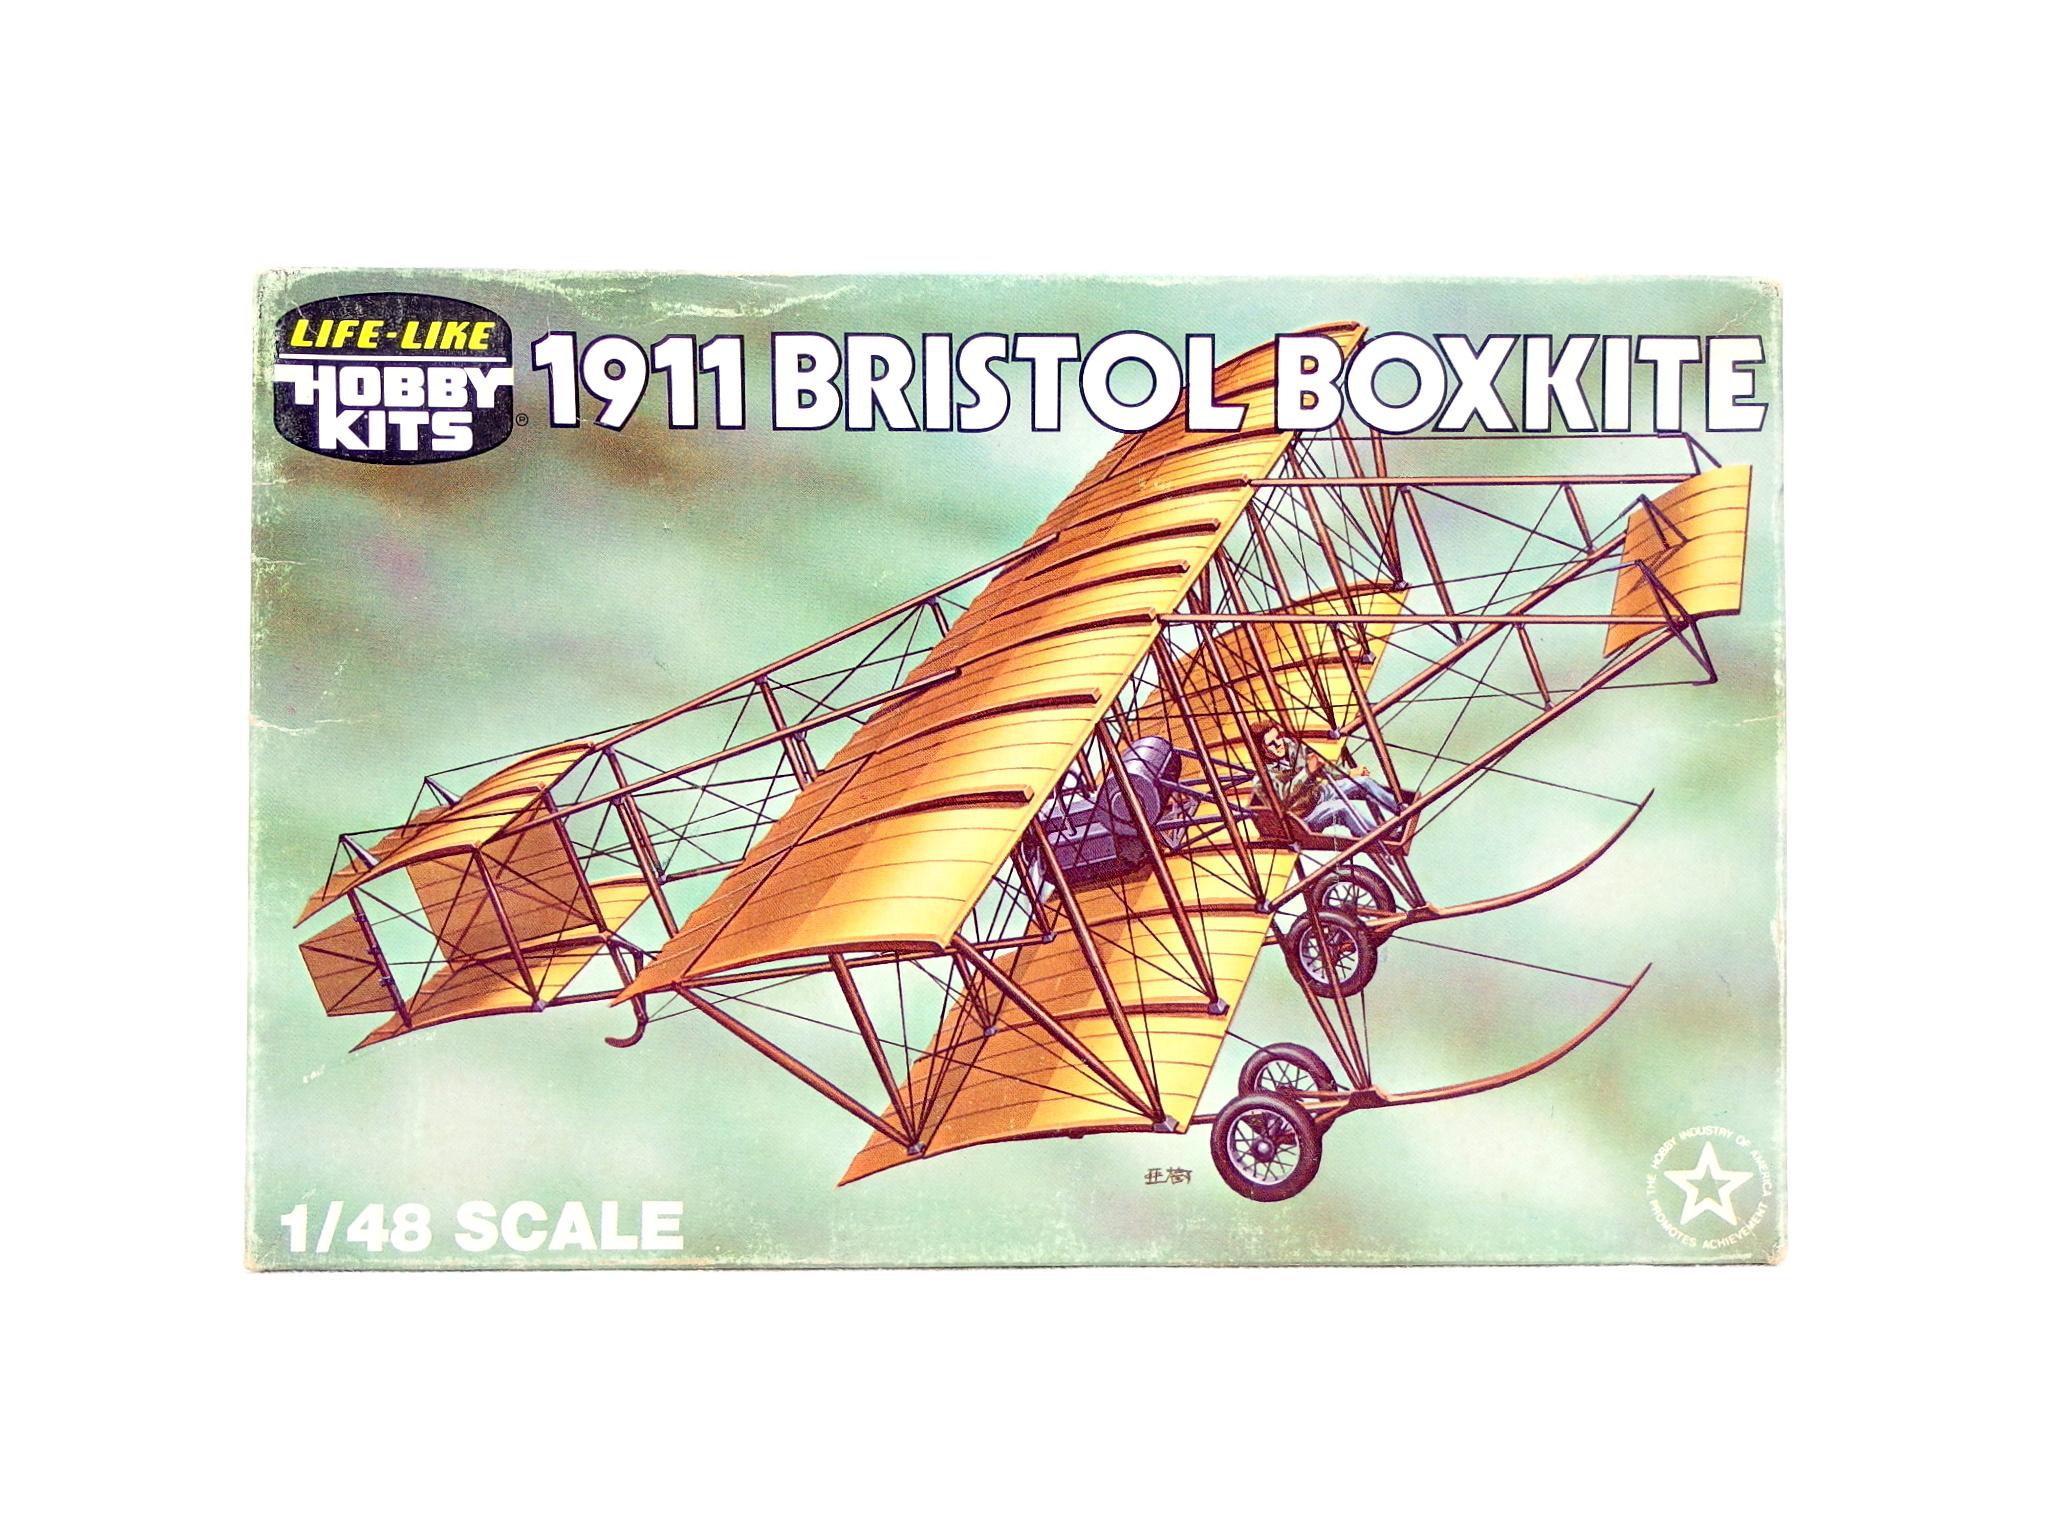 【買取】ライフライク・ホビーキット 1/48スケール ブリストル・ボックスカイト 複葉機 1911 軍用機仕様